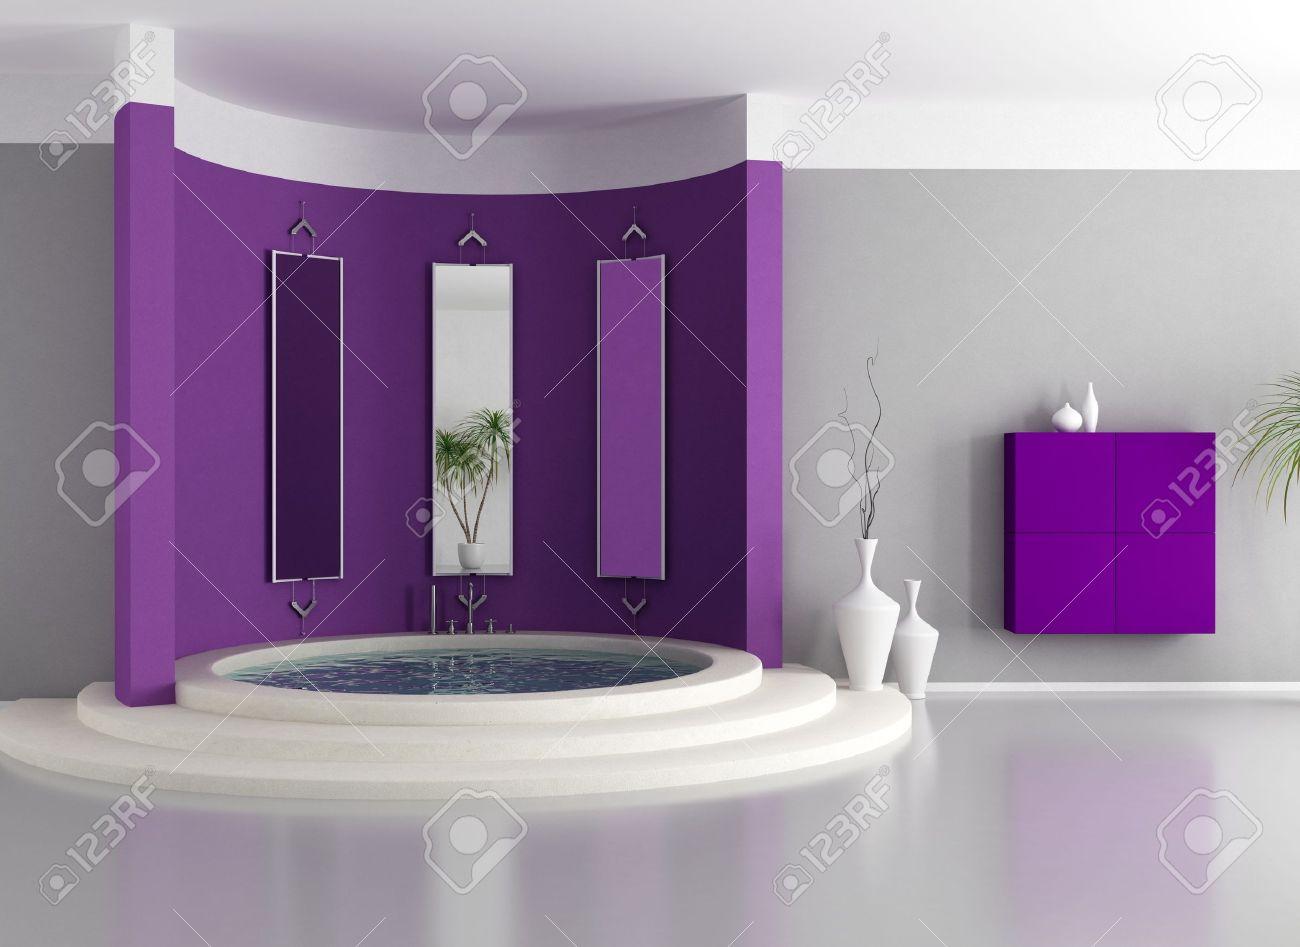 banque dimages purple moderne salle de bains avec baignoire de luxe circulaire rendu - Salle De Bain Moderne De Luxe